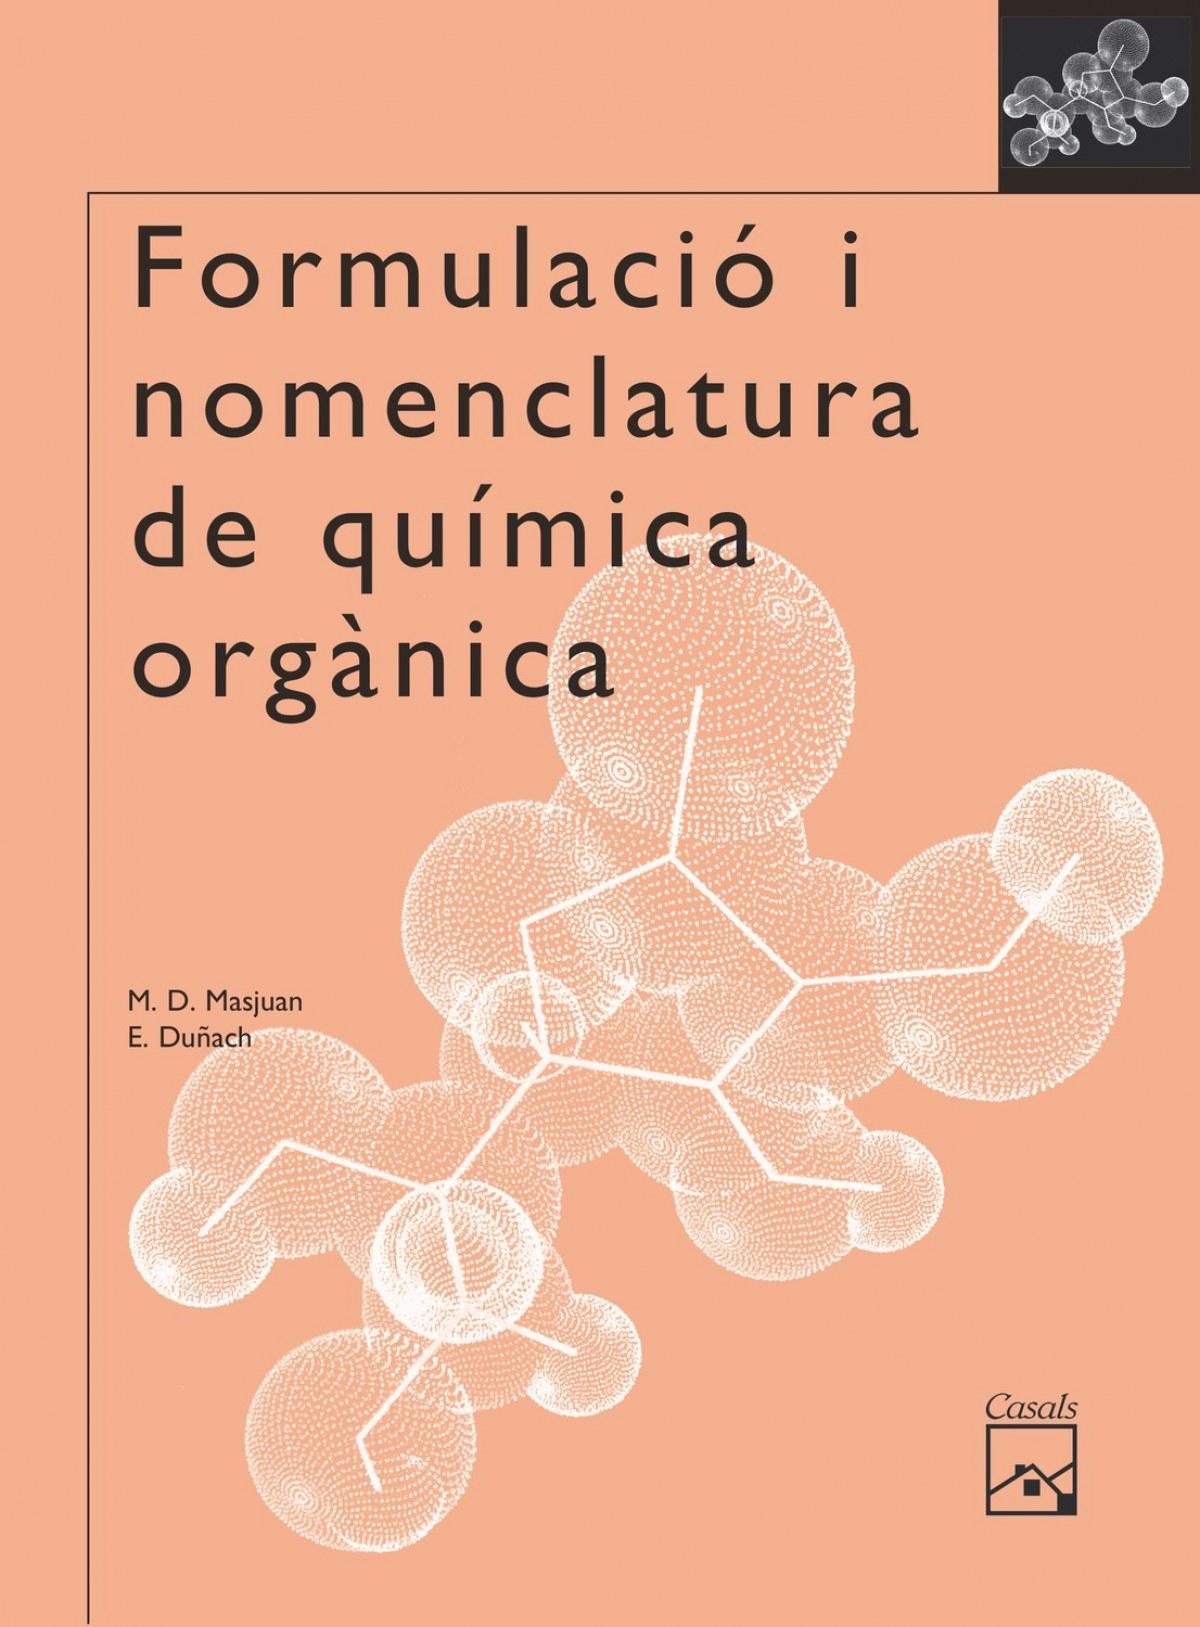 Formulació i nomenclatura química orgánica Batxillerat